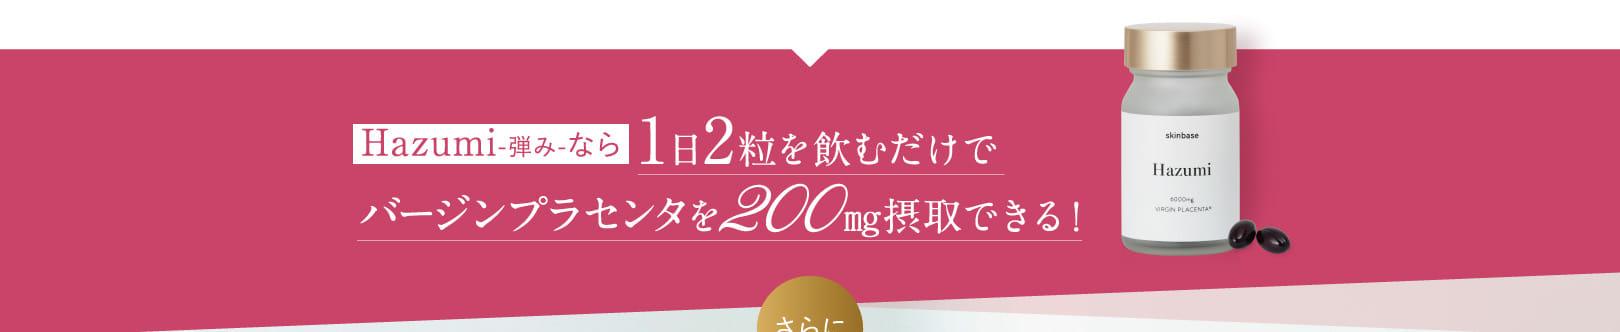 Hazumi-弾み-なら1日2粒を飲むだけでバージンプラセンタを200㎎摂取できる!